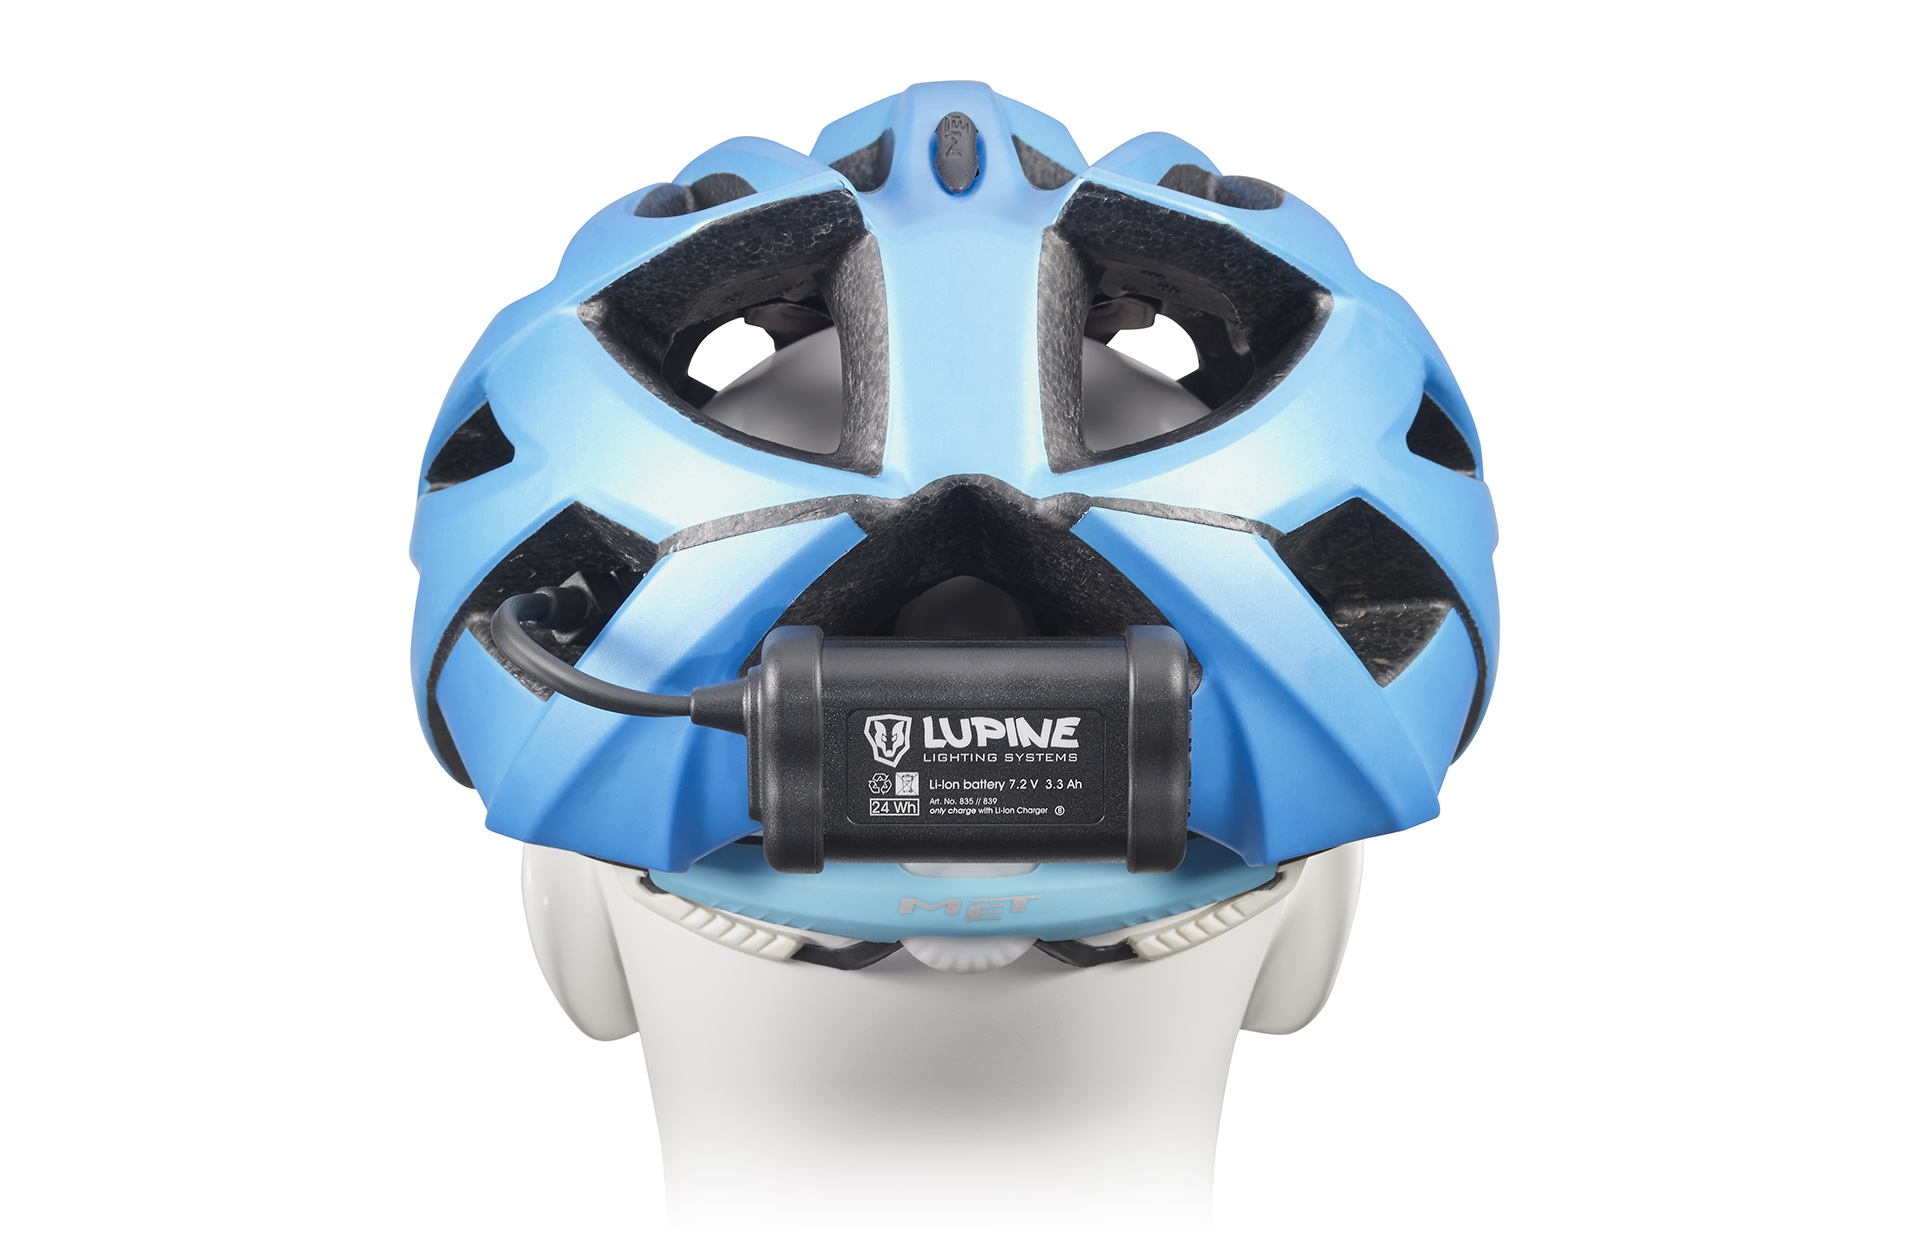 Praktisch: Trägt man den Akku am helm, so kann dieser gleichzeitig als Rückleuchte genutzt werden.